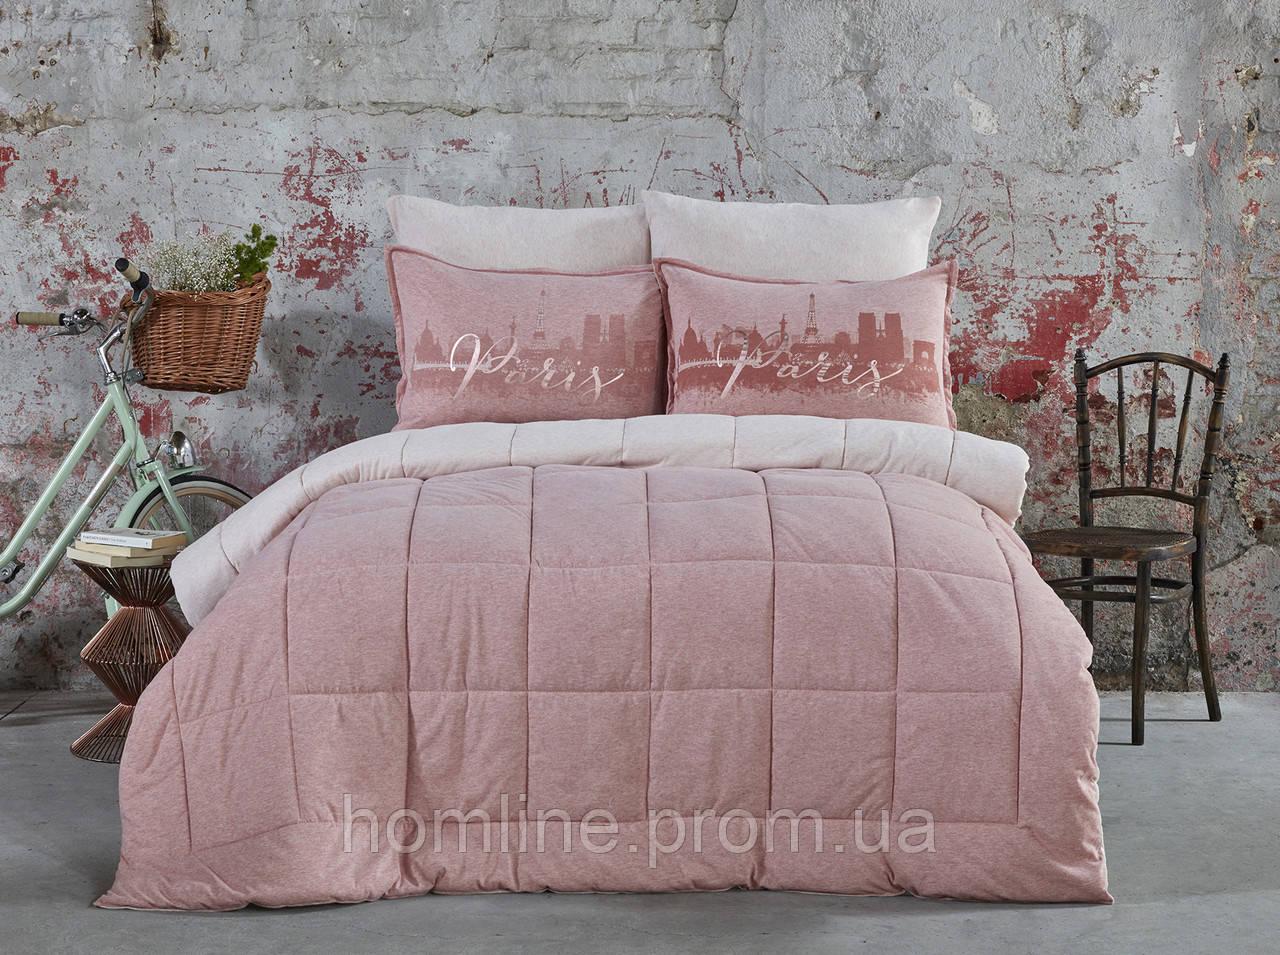 Набор постельное белье с одеялом Karaca Home Paris pudra 2019-2 пудра евро размер